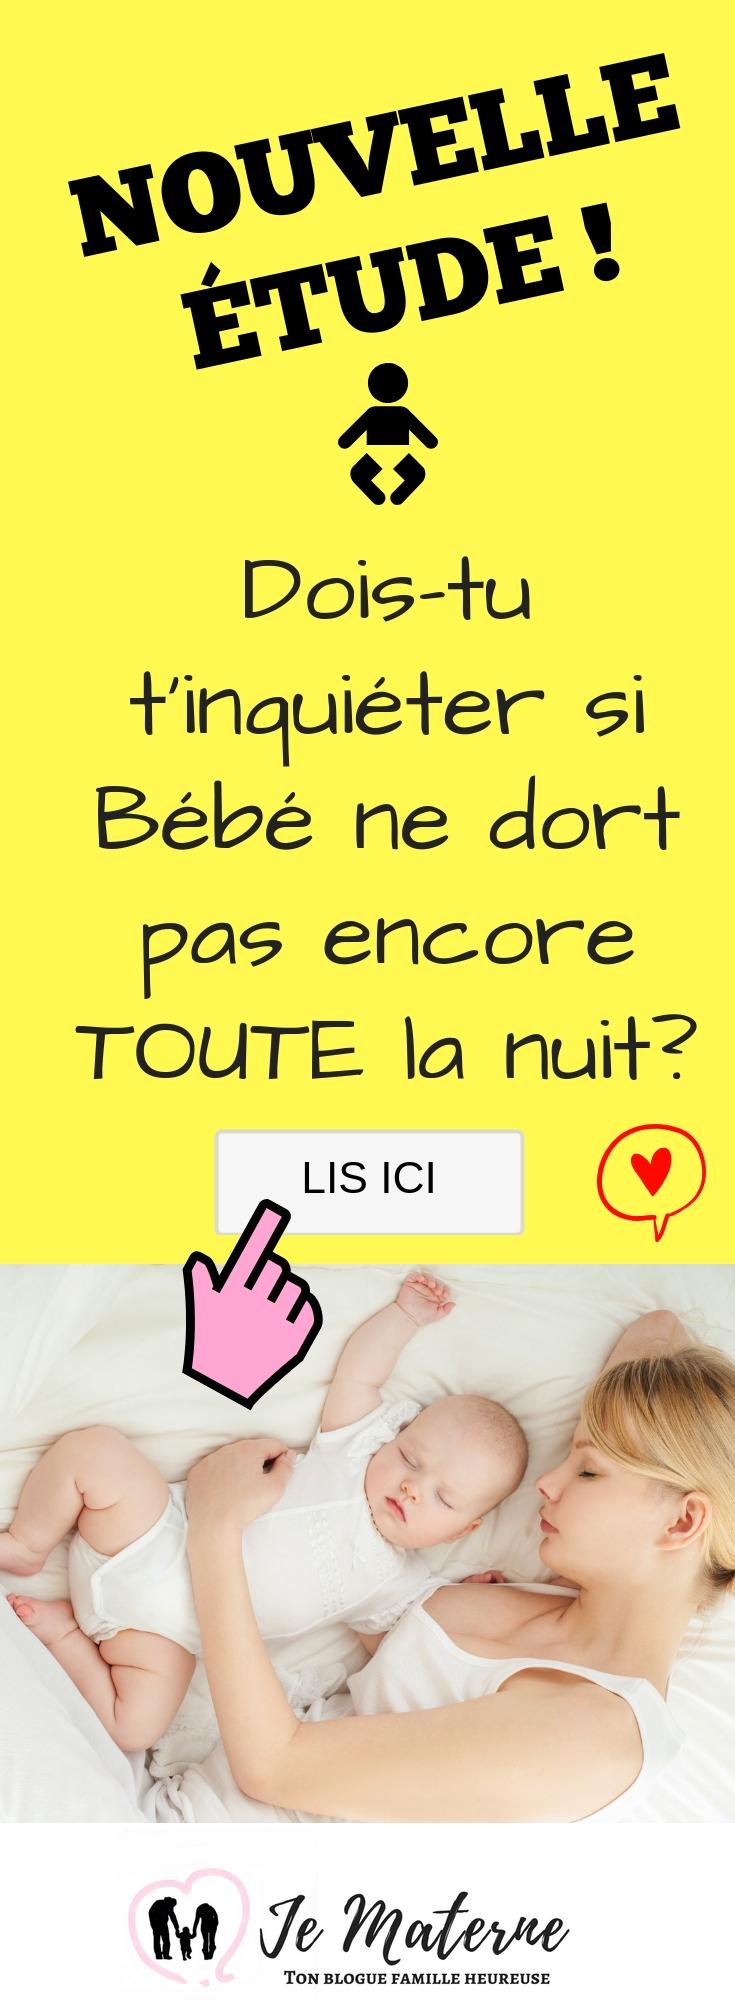 À LIRE! NOUVELLE ÉTUDE: Dois-tu t'inquiéter si Bébé ne dort pas encore toute la nuit? https://jematerne.com/2018/11/20/etude-bebe-ne-dort-pas-toute-la-nuit-sommeil-nourrissons-mcgill-pediatrics #étude #maman #papa #bébé #sommeil #dormir #cododo #allaiter #allaitement